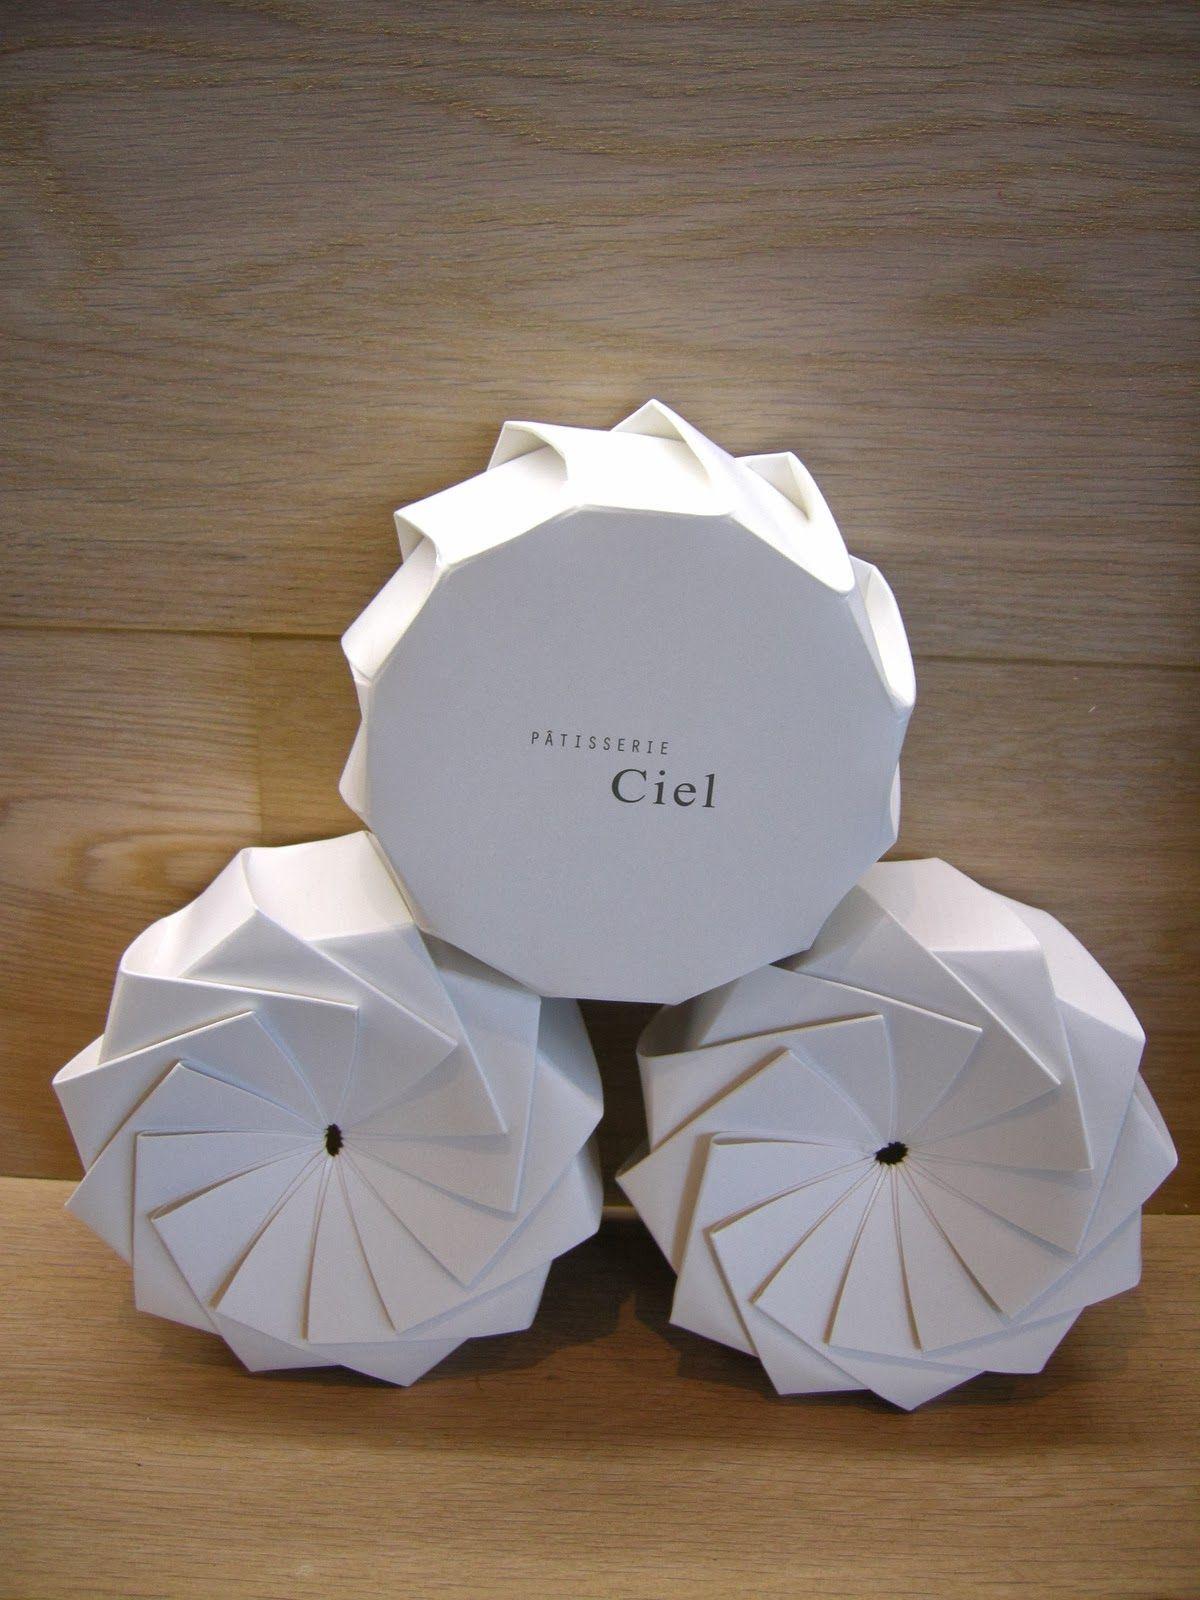 Boite origami tuto origami pinterest origami boite et tuto - Comment emballer un cadeau rond ...